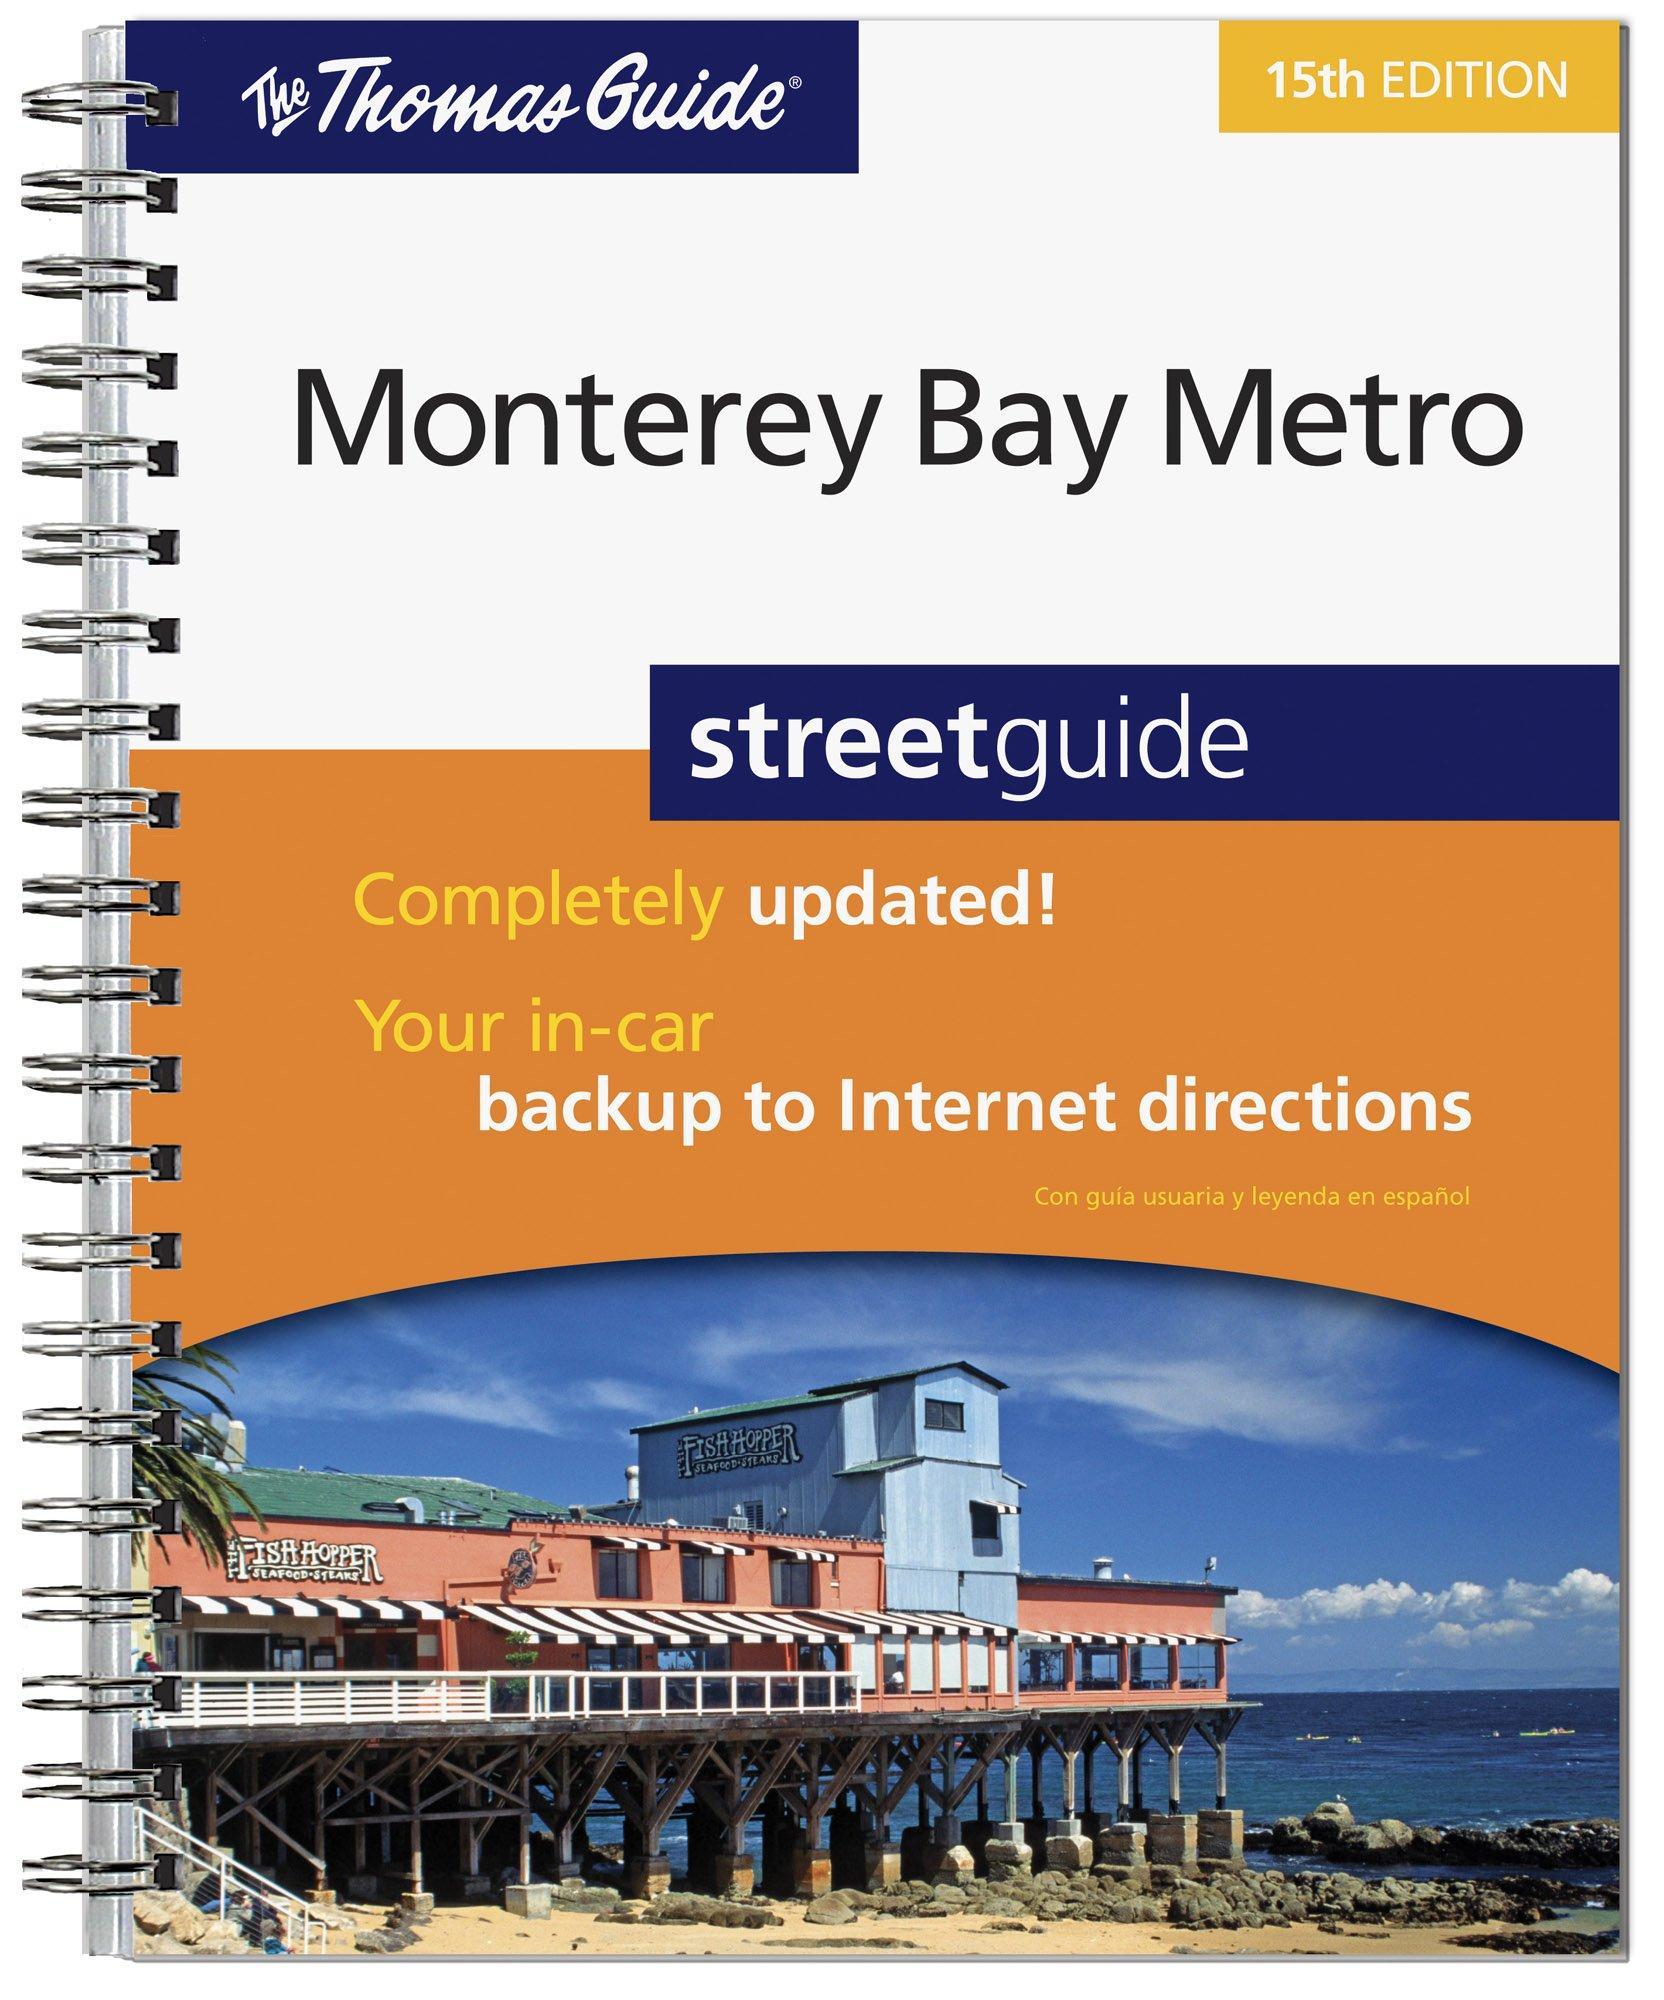 The Thomas Guide Monterey Bay Metro Streetguide pdf